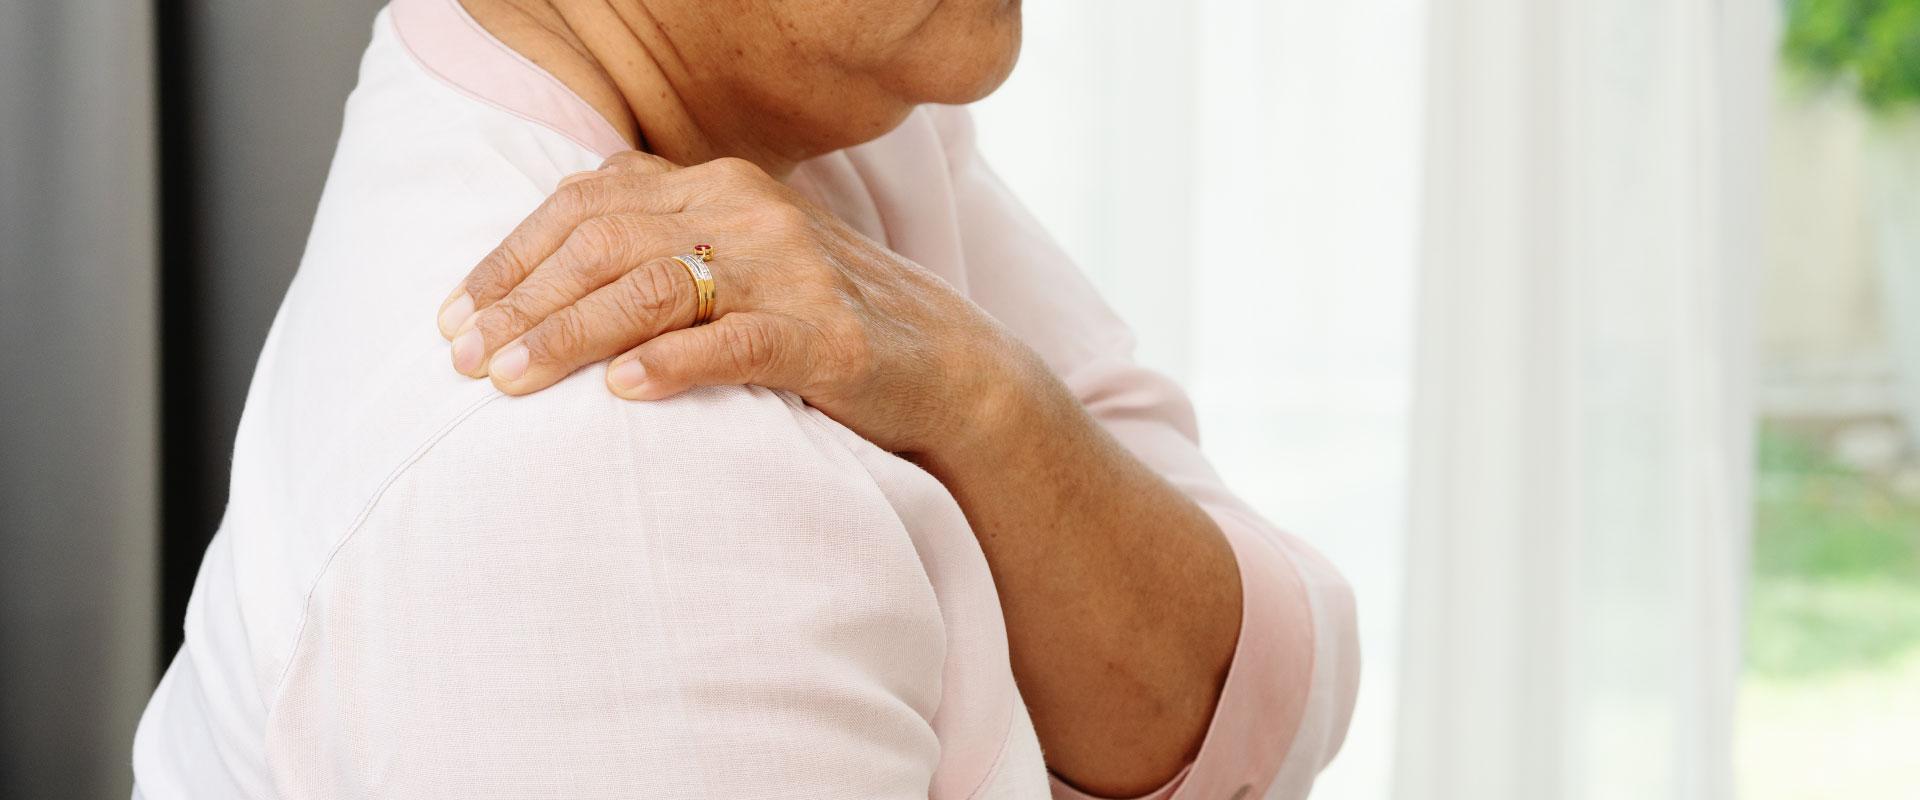 Fibromialgia: uma doença dolorosa e de difícil diagnóstico